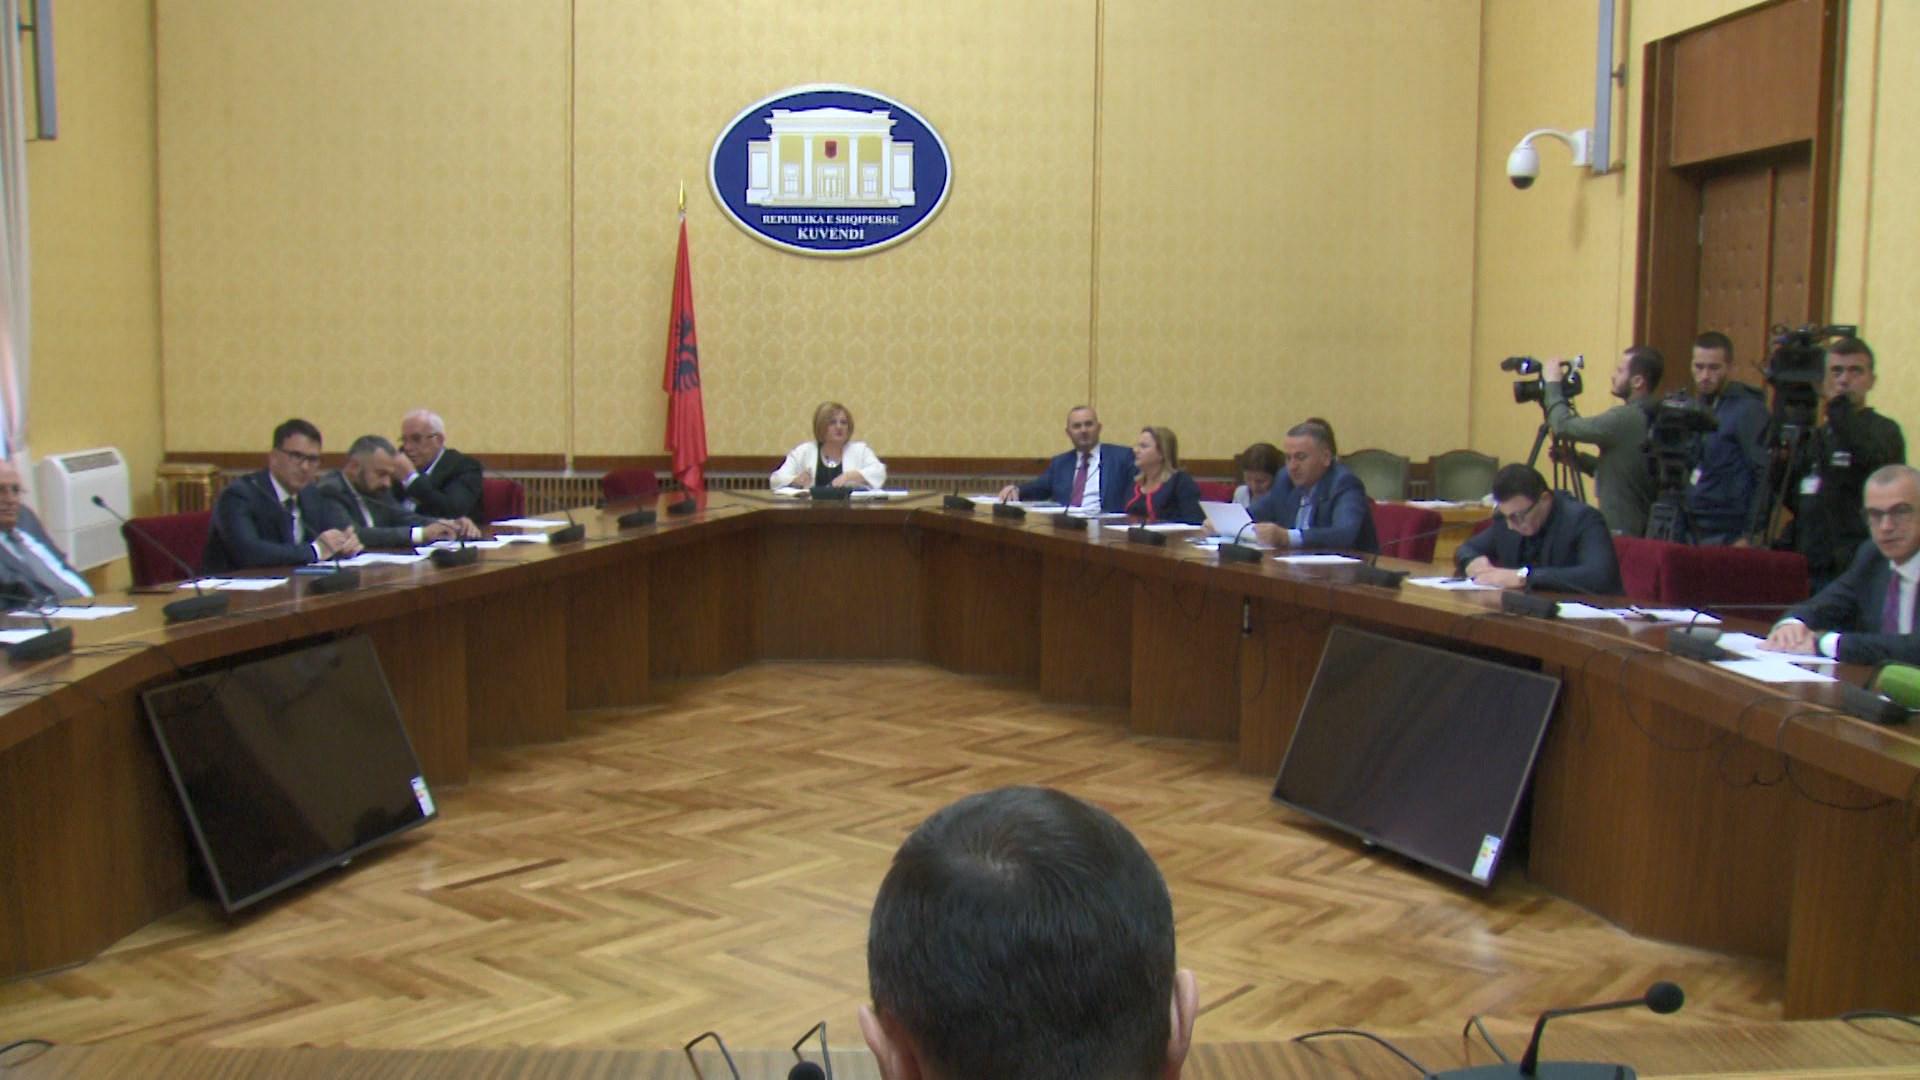 Këshilli i Legjislacionit/ Salianji: Vettingu në politikë domosdoshmëri